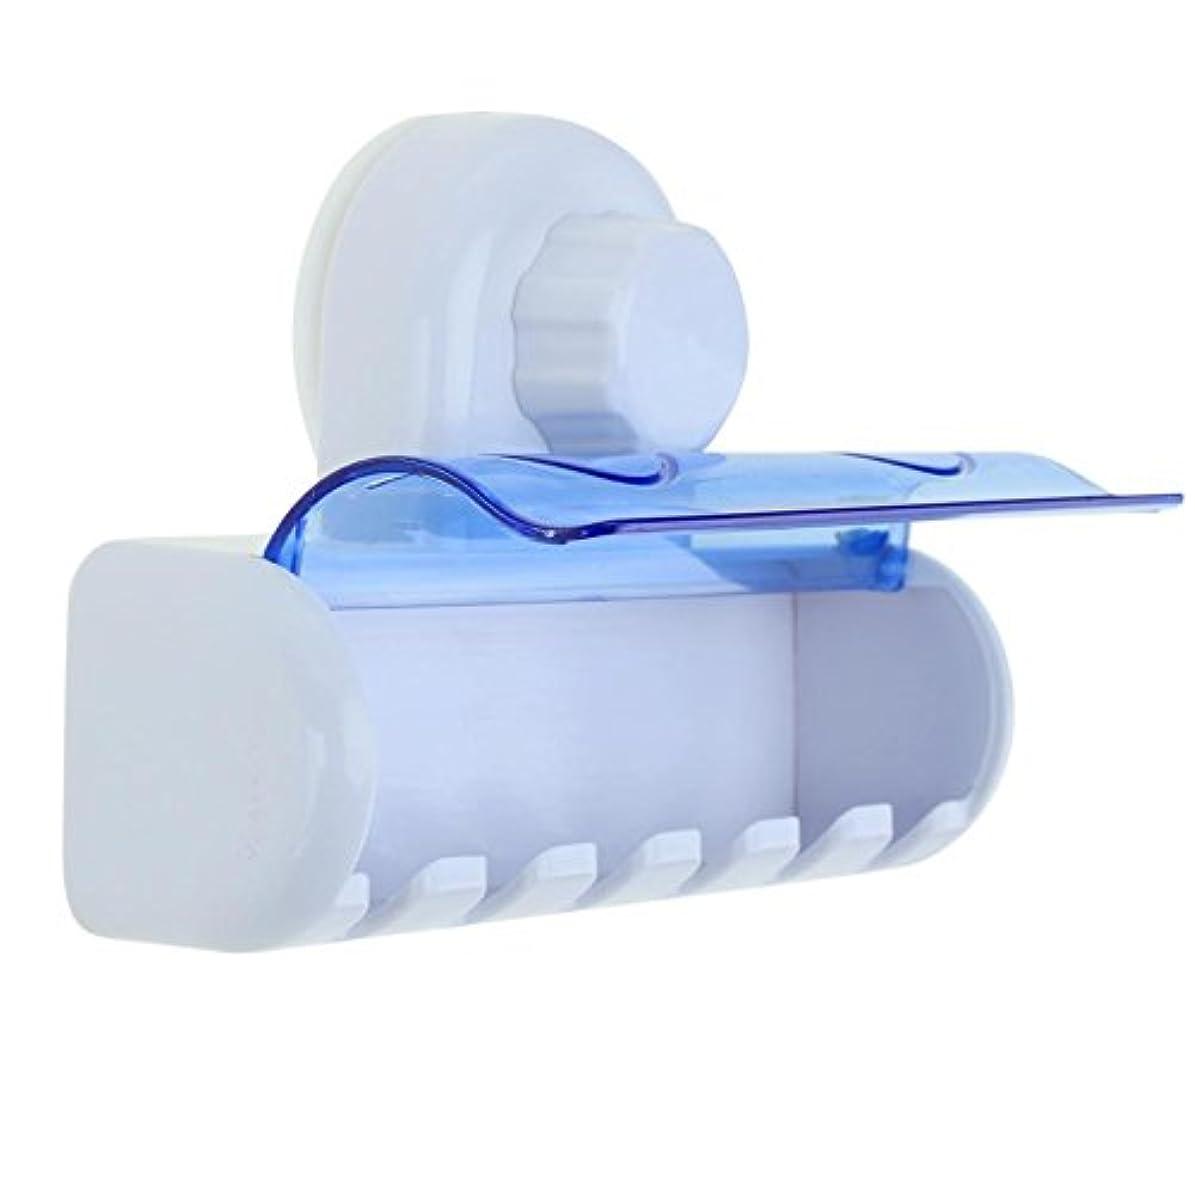 過半数権限を与える叫ぶDemiawaking 強力吸盤付き ハブラシラック 歯ブラシ6本収納対応 取り付け簡単 壁掛け ハブラシホルダー